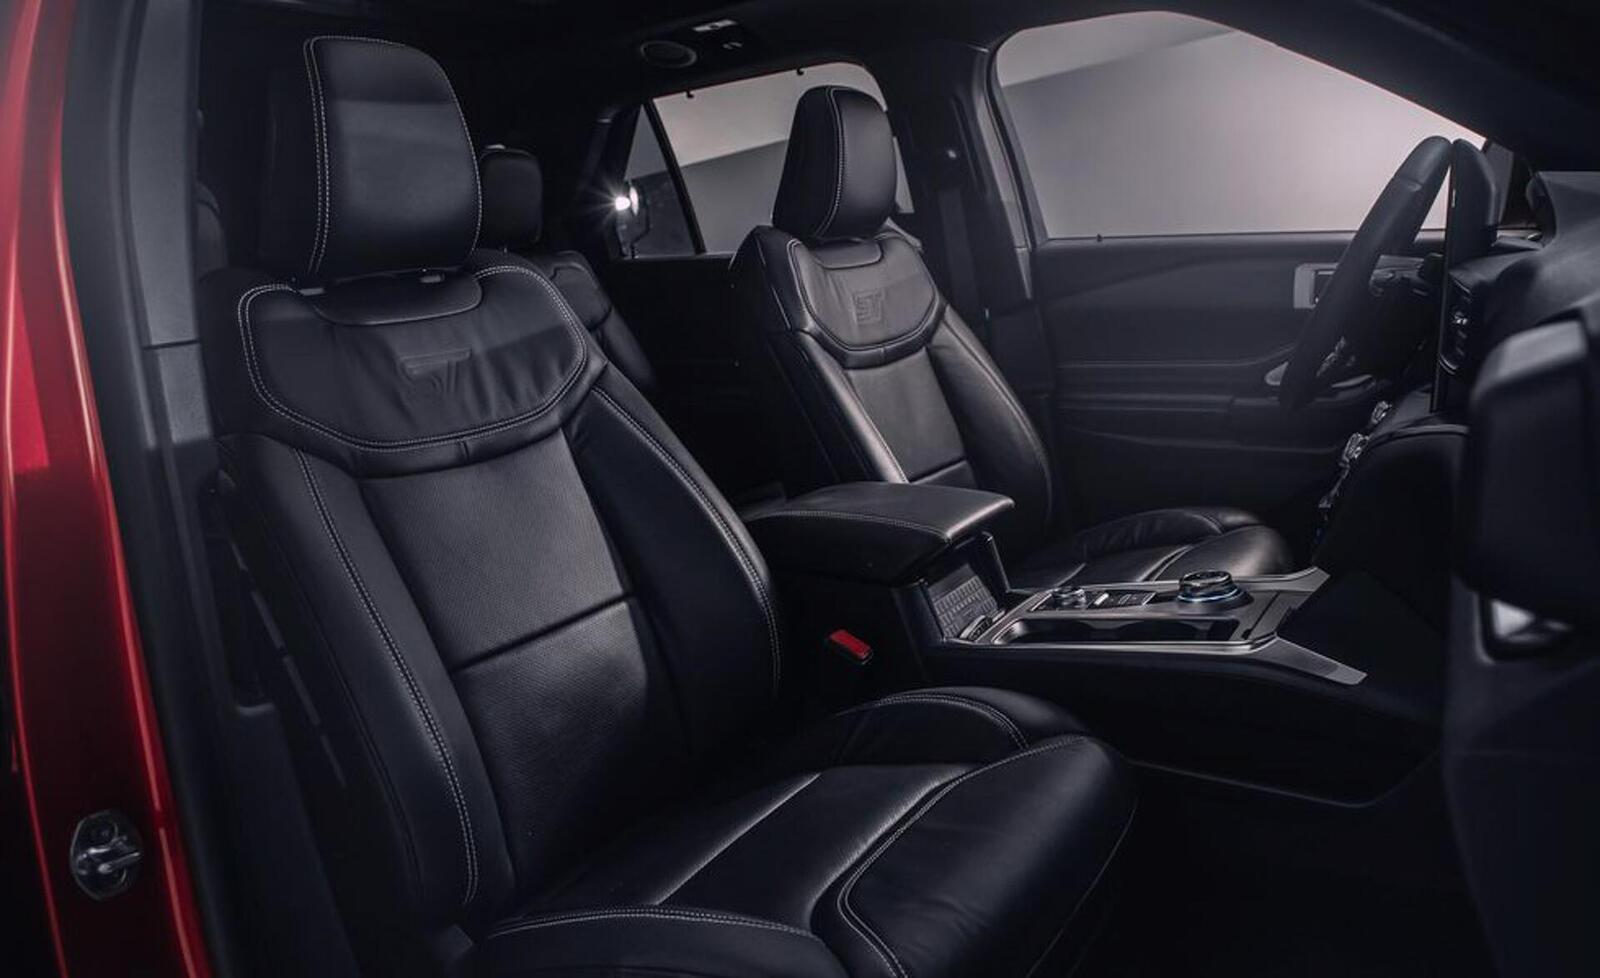 Ford giới thiệu Explorer ST 2020: Phiên bản mạnh nhất lắp máy V6 3.0L tăng áp 400 mã lực - Hình 14